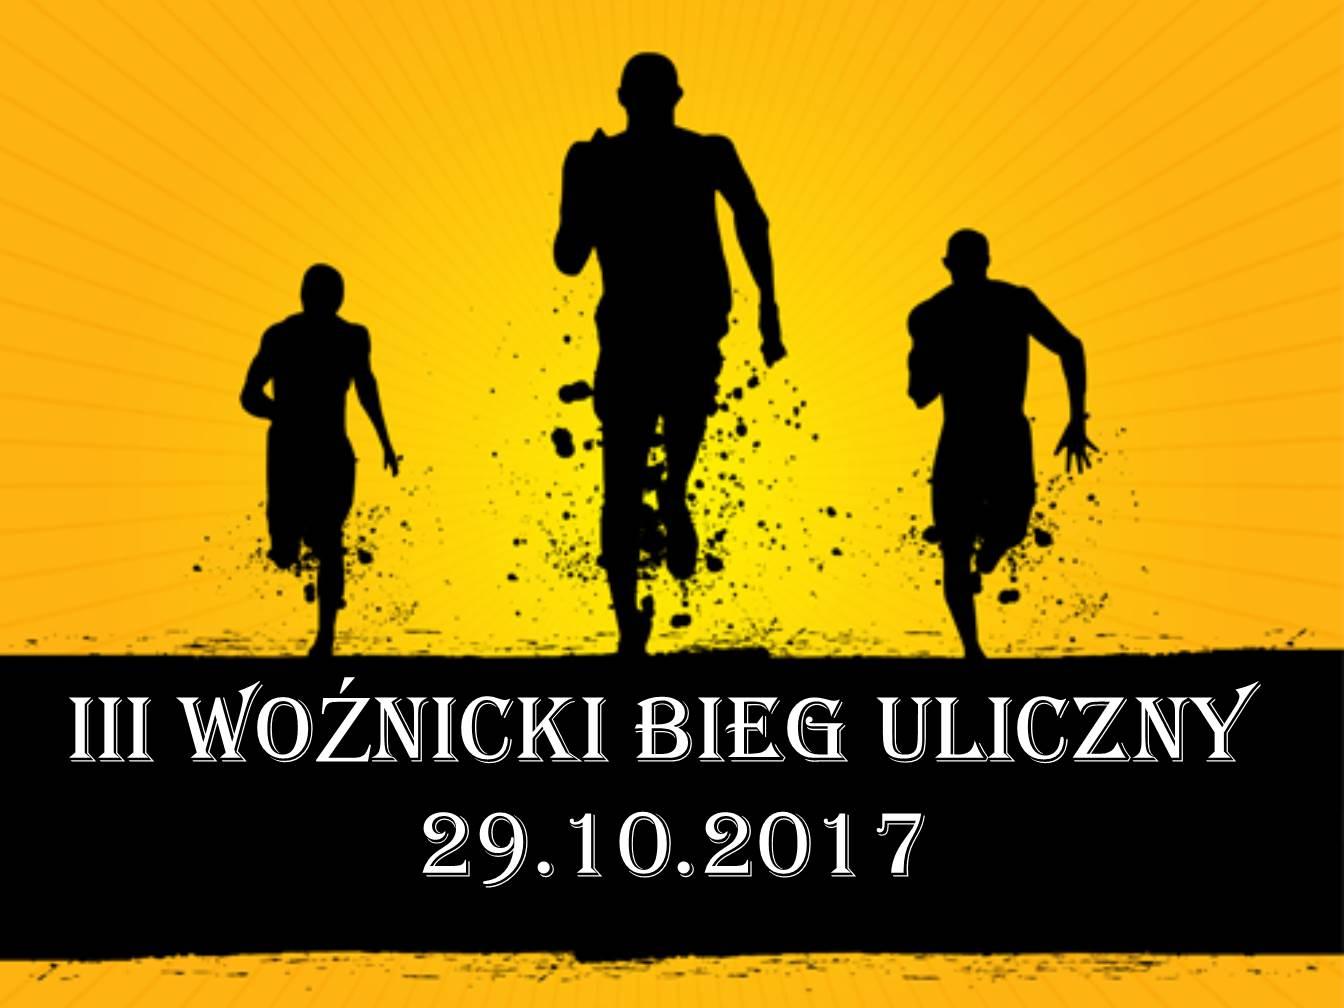 logo 3 wbu jpg